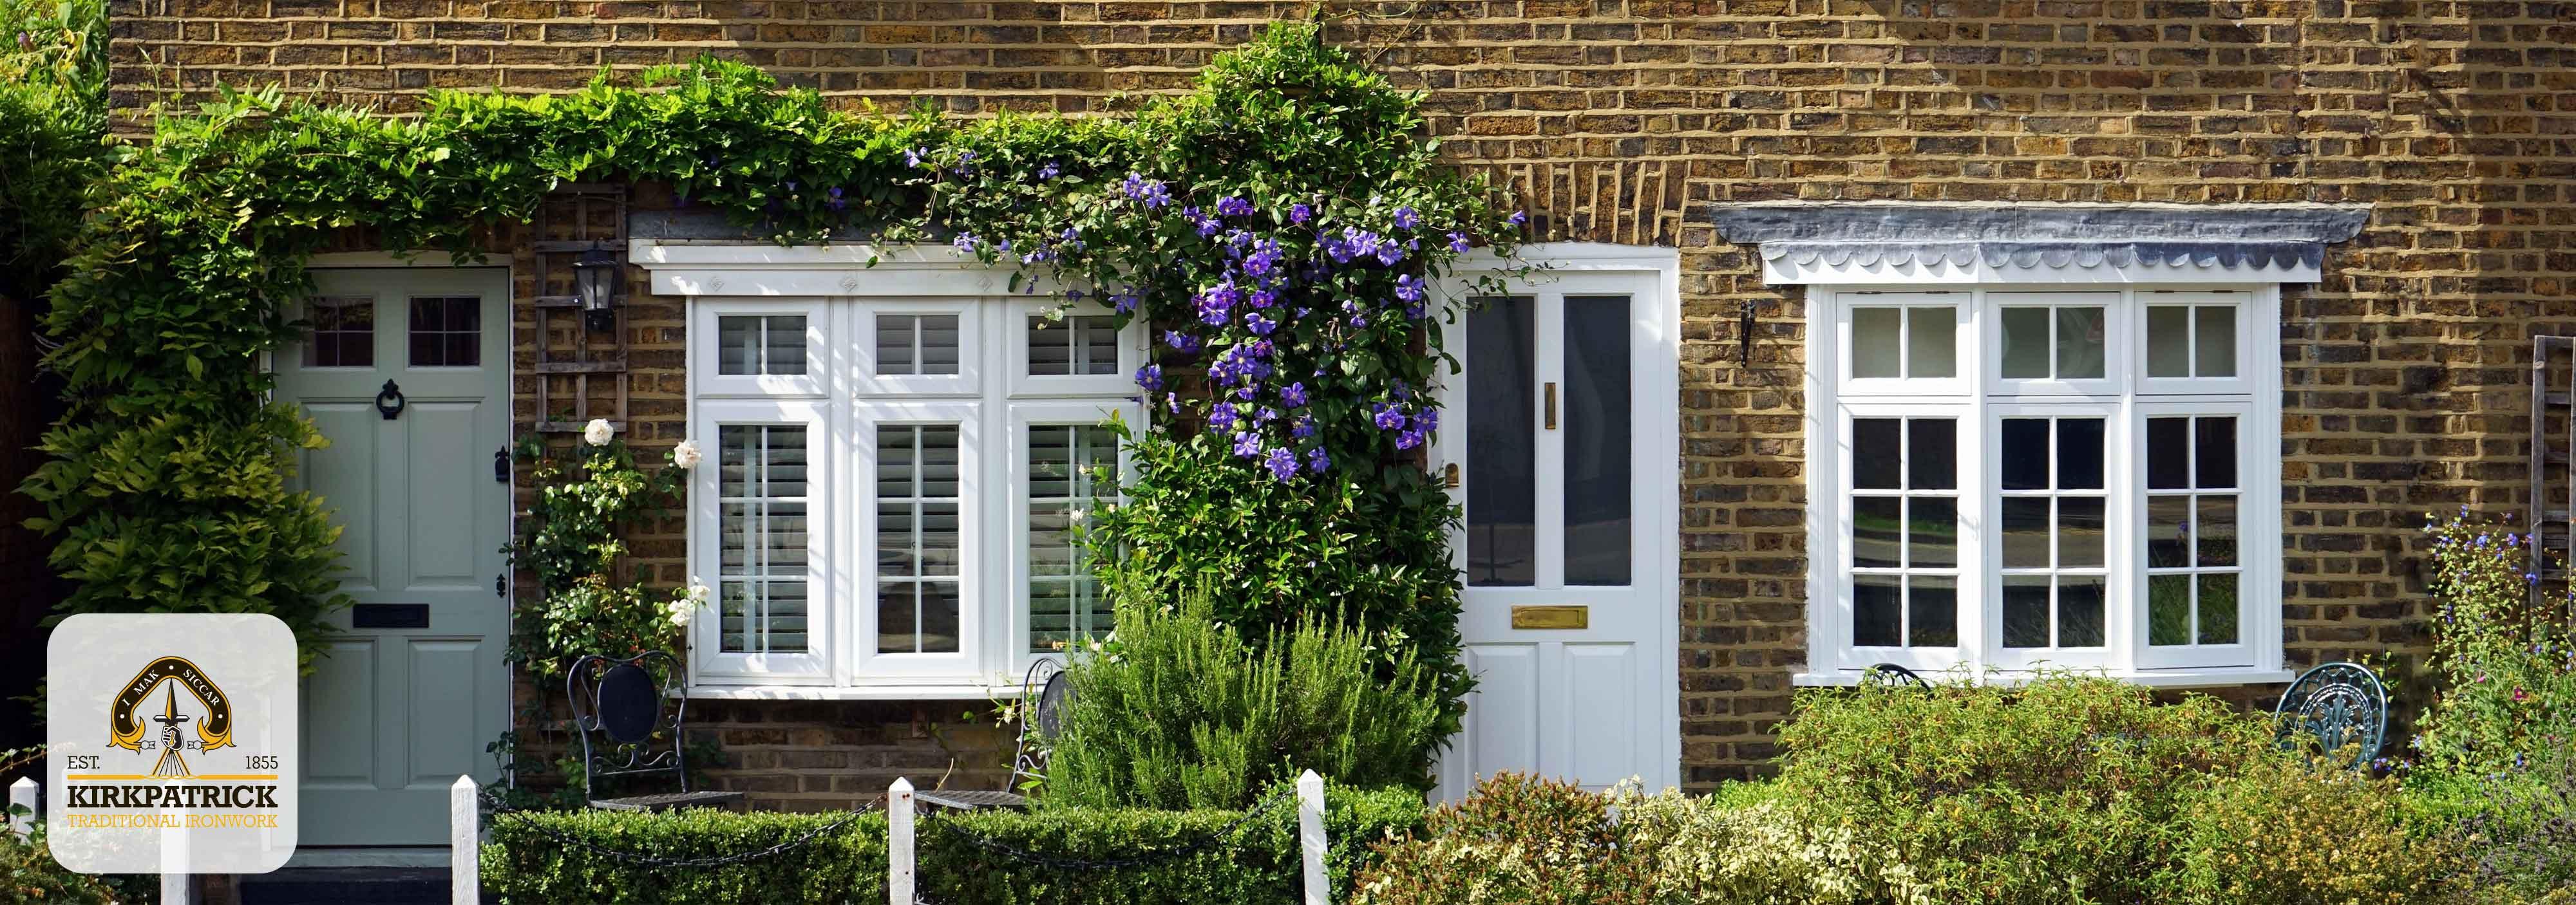 Engelse cottages met bloemen en antiek messing deurbeslag